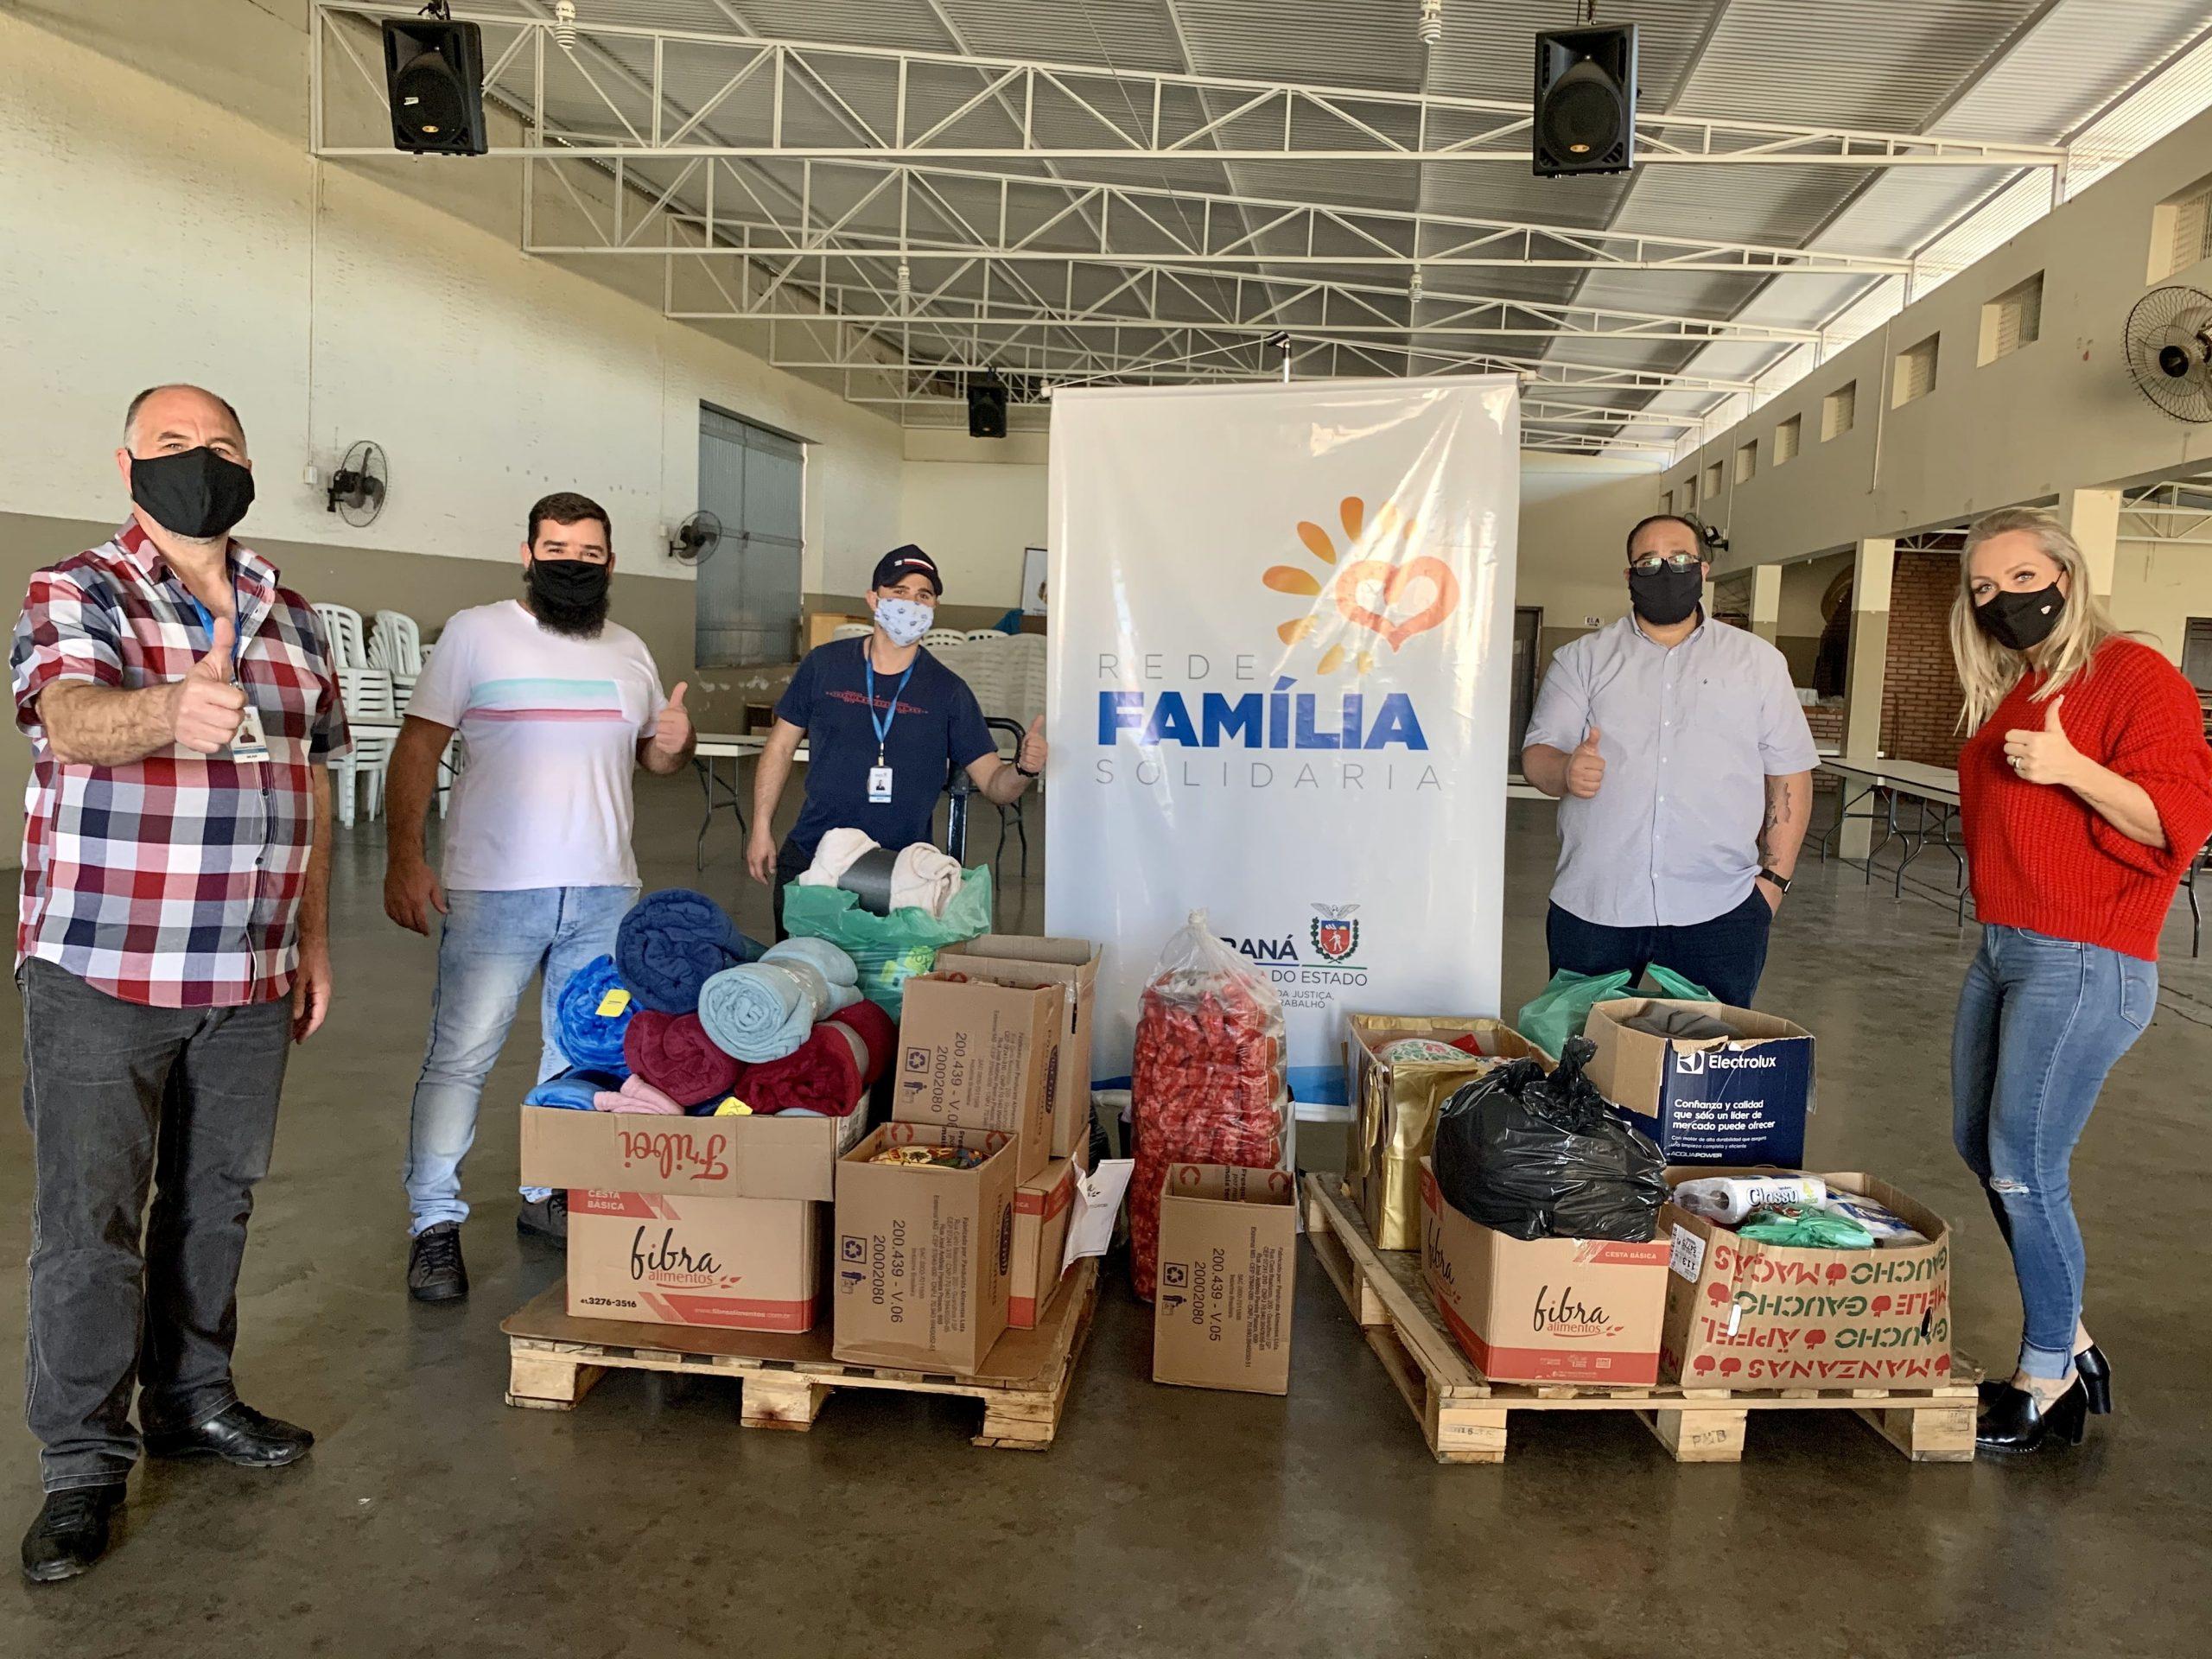 Luto Curitiba entrega donativos à Rede Família Solidária